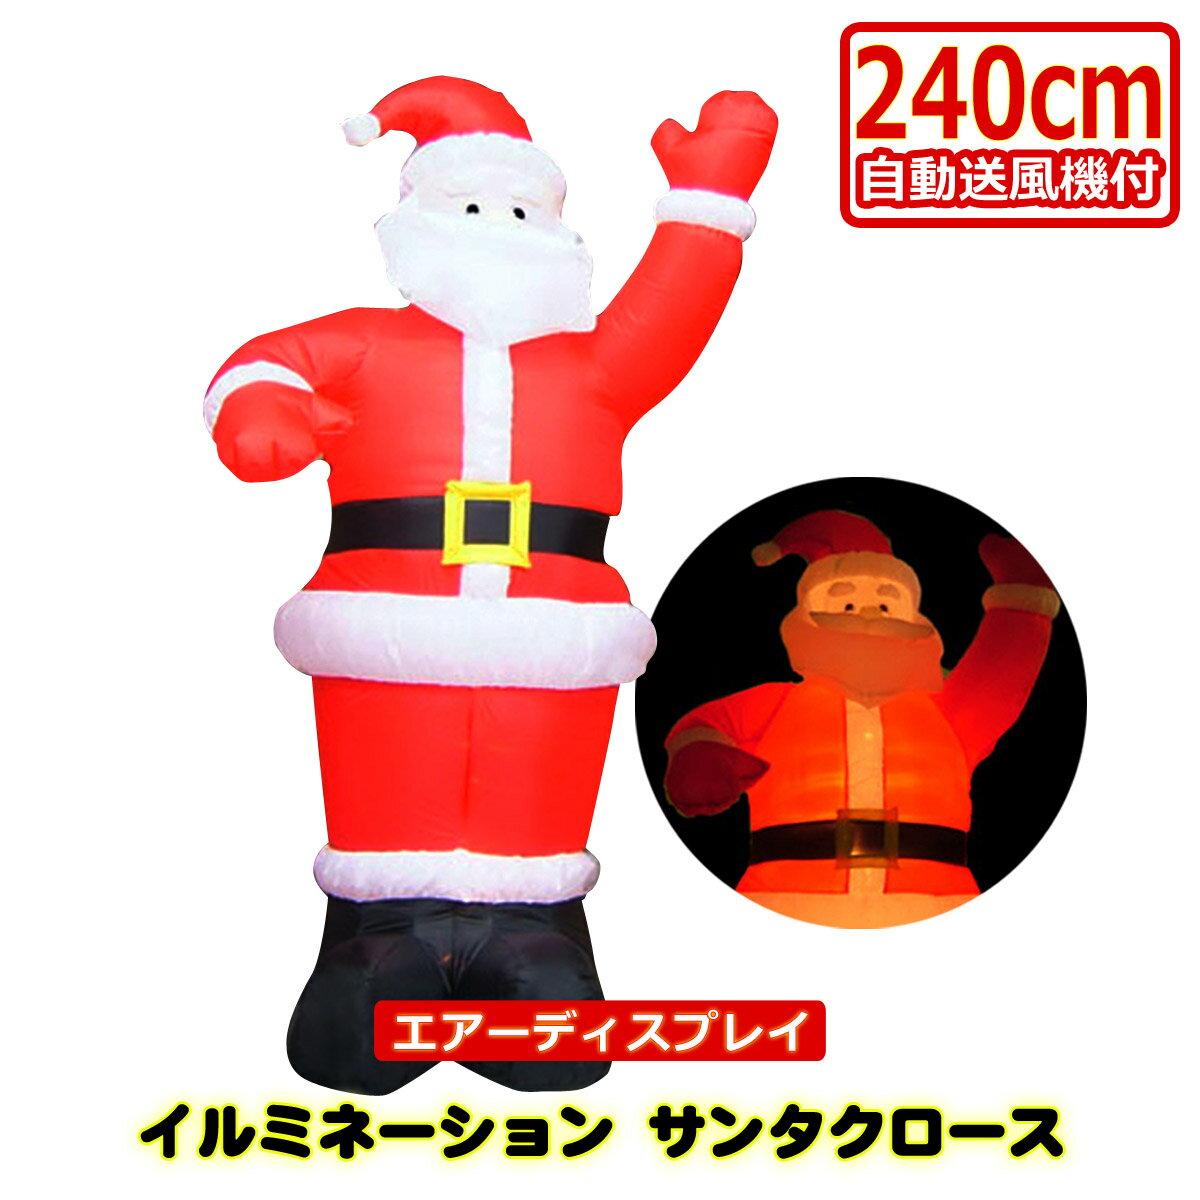 イルミネーション サンタクロース 240cm エアーディスプレイ クリスマス エアーブロー エアブロー 屋外設置可能画像